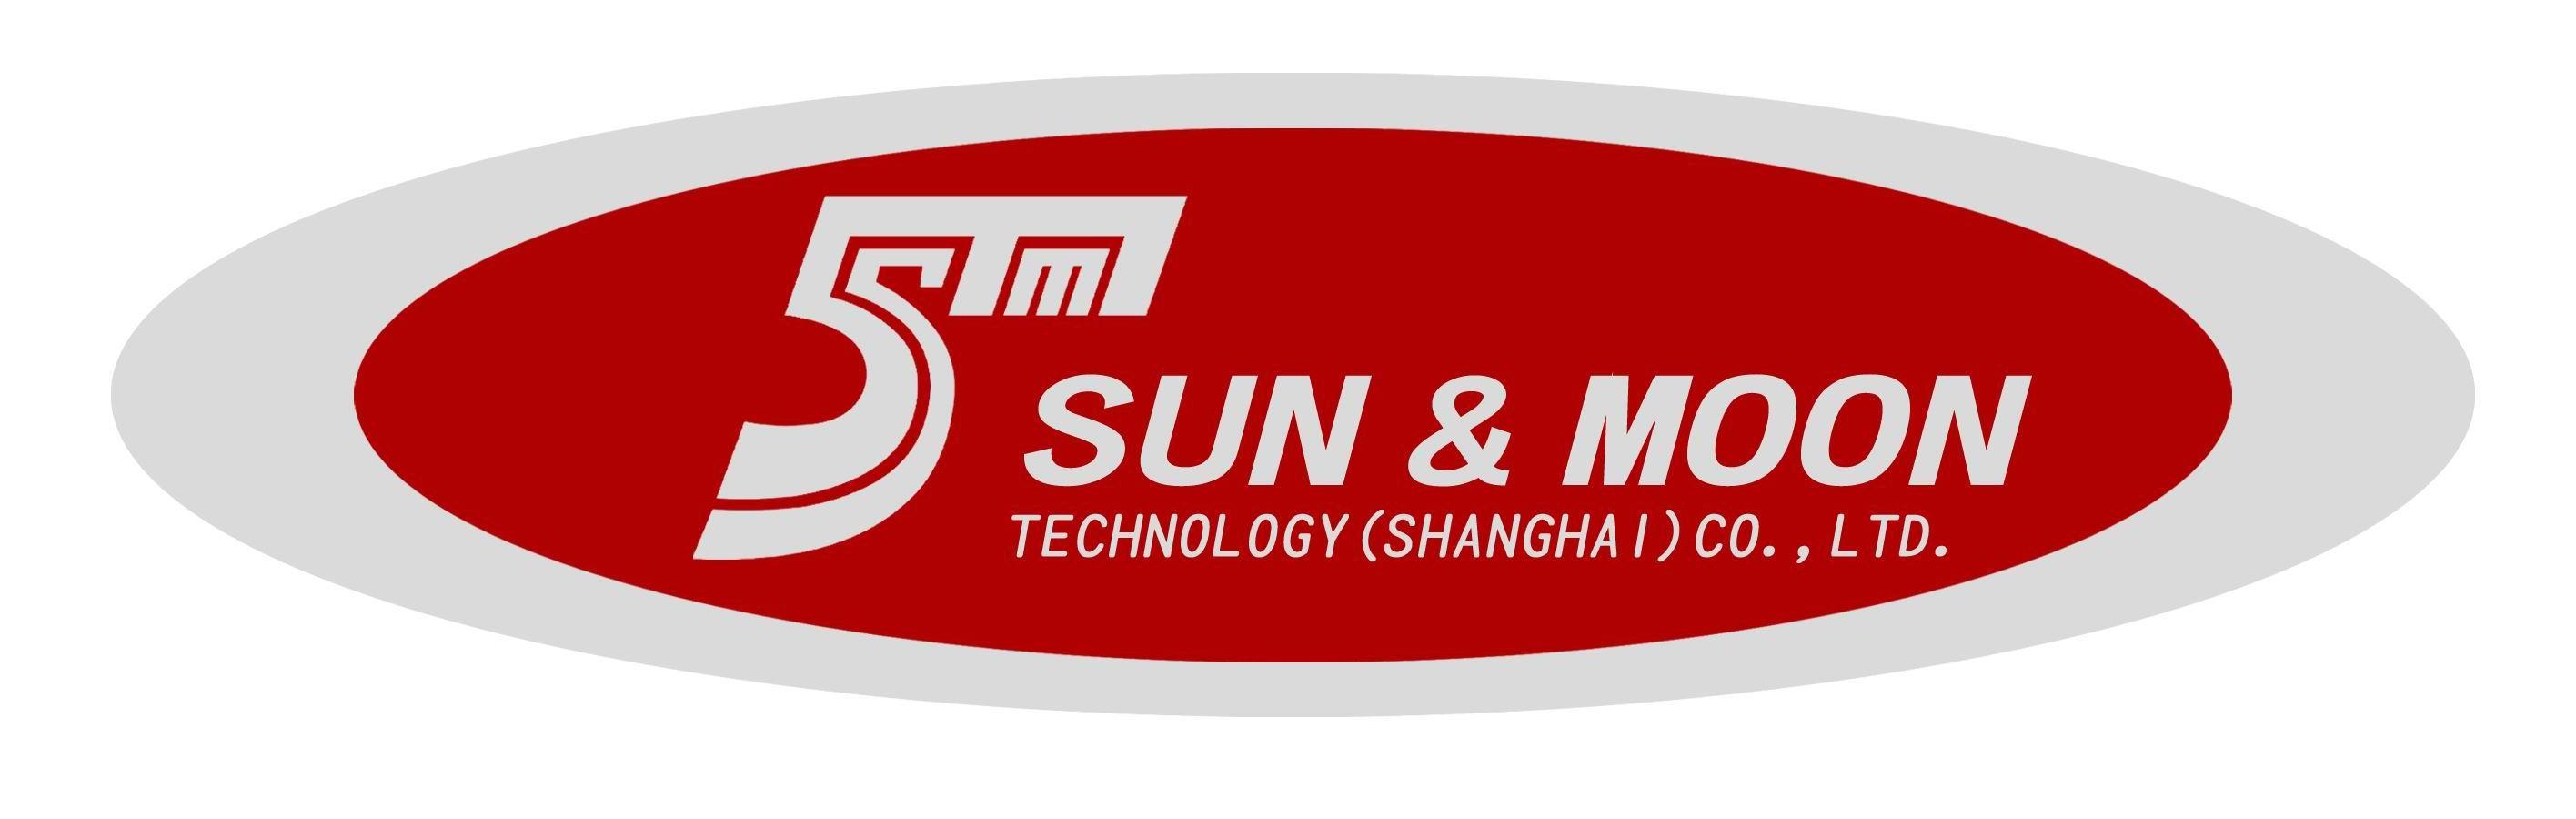 仕盟包裝科技(上海)有限公司